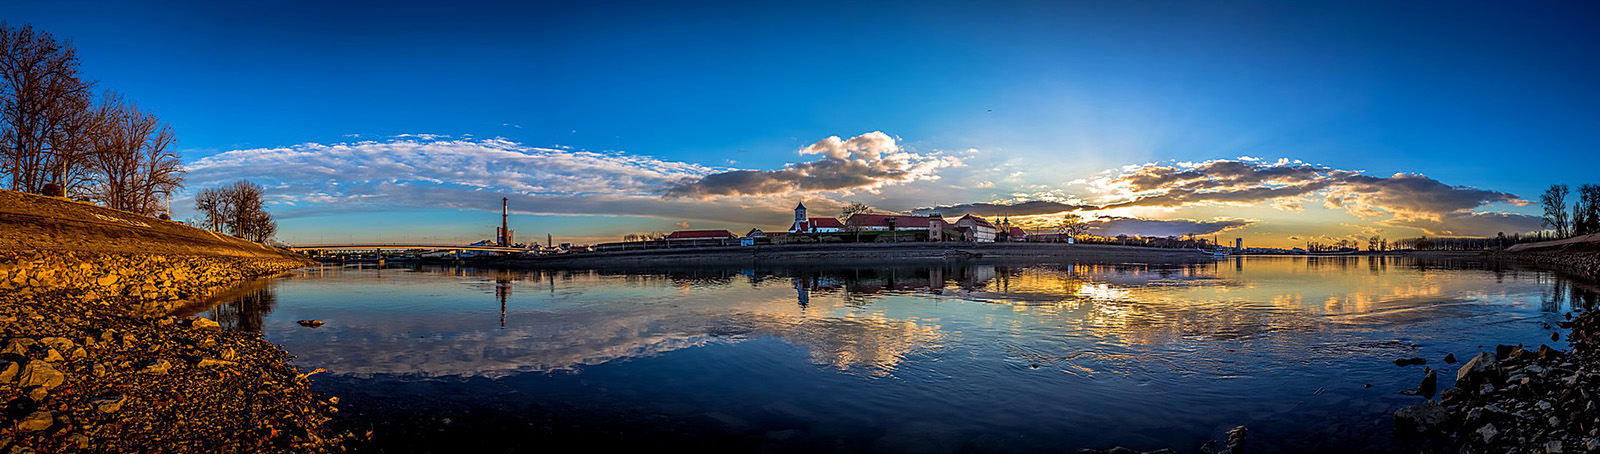 Panorama (3)  Foto: Ivica Benić  Ključne riječi: panorama grada grad drava hotel katedrala promenada sunce